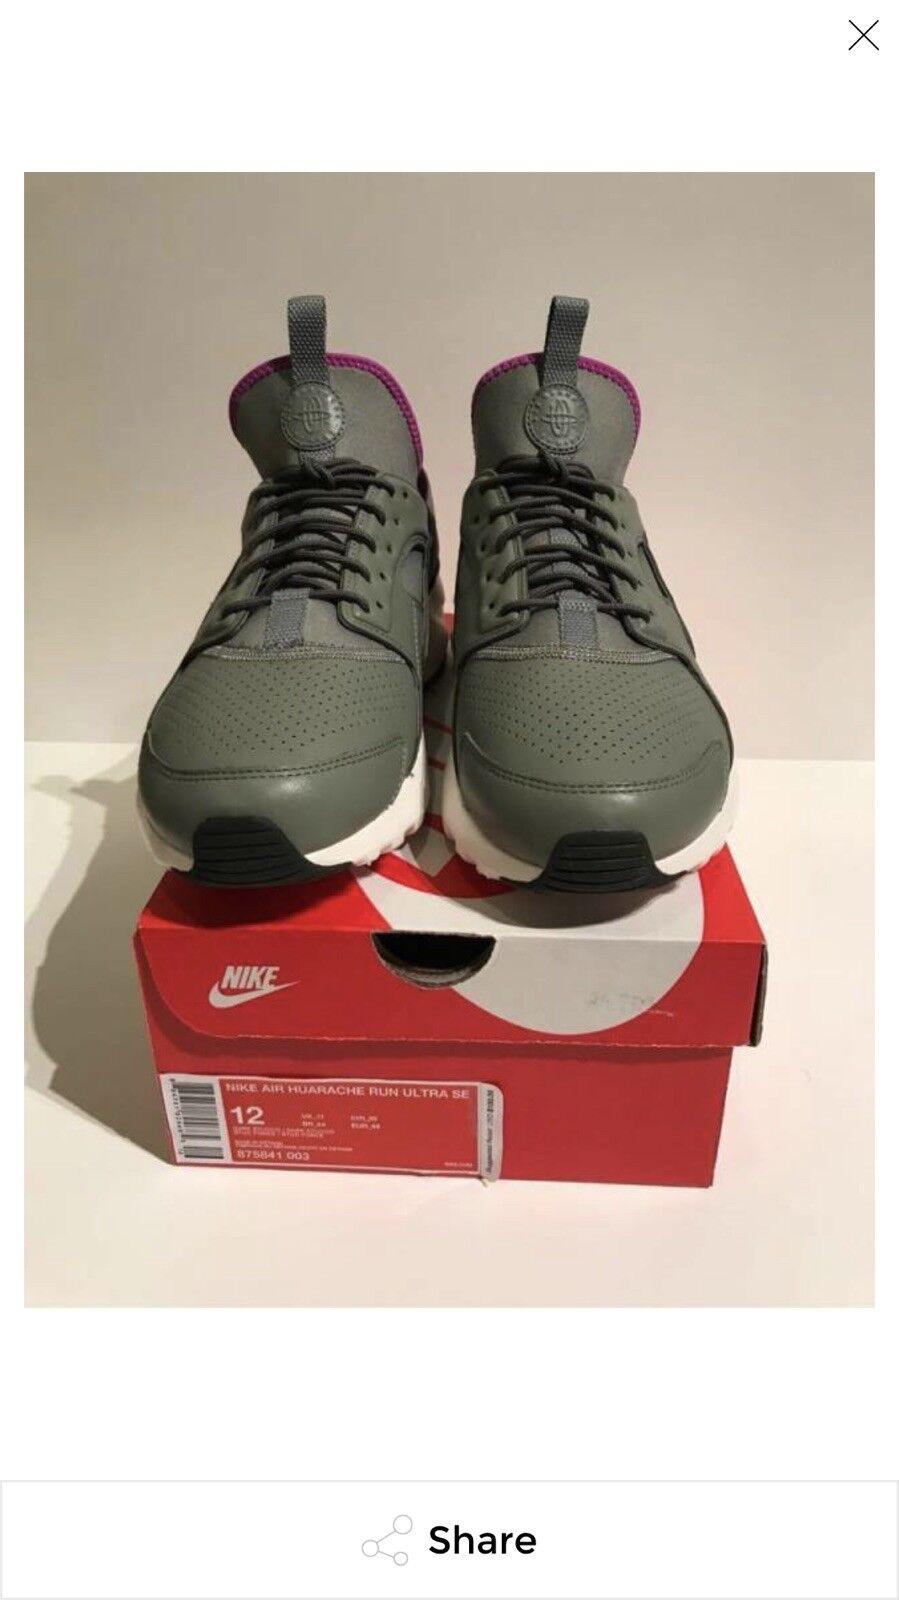 Nike Air Huarache Run Ultra SE Dark Stucco 875841003 Size 12